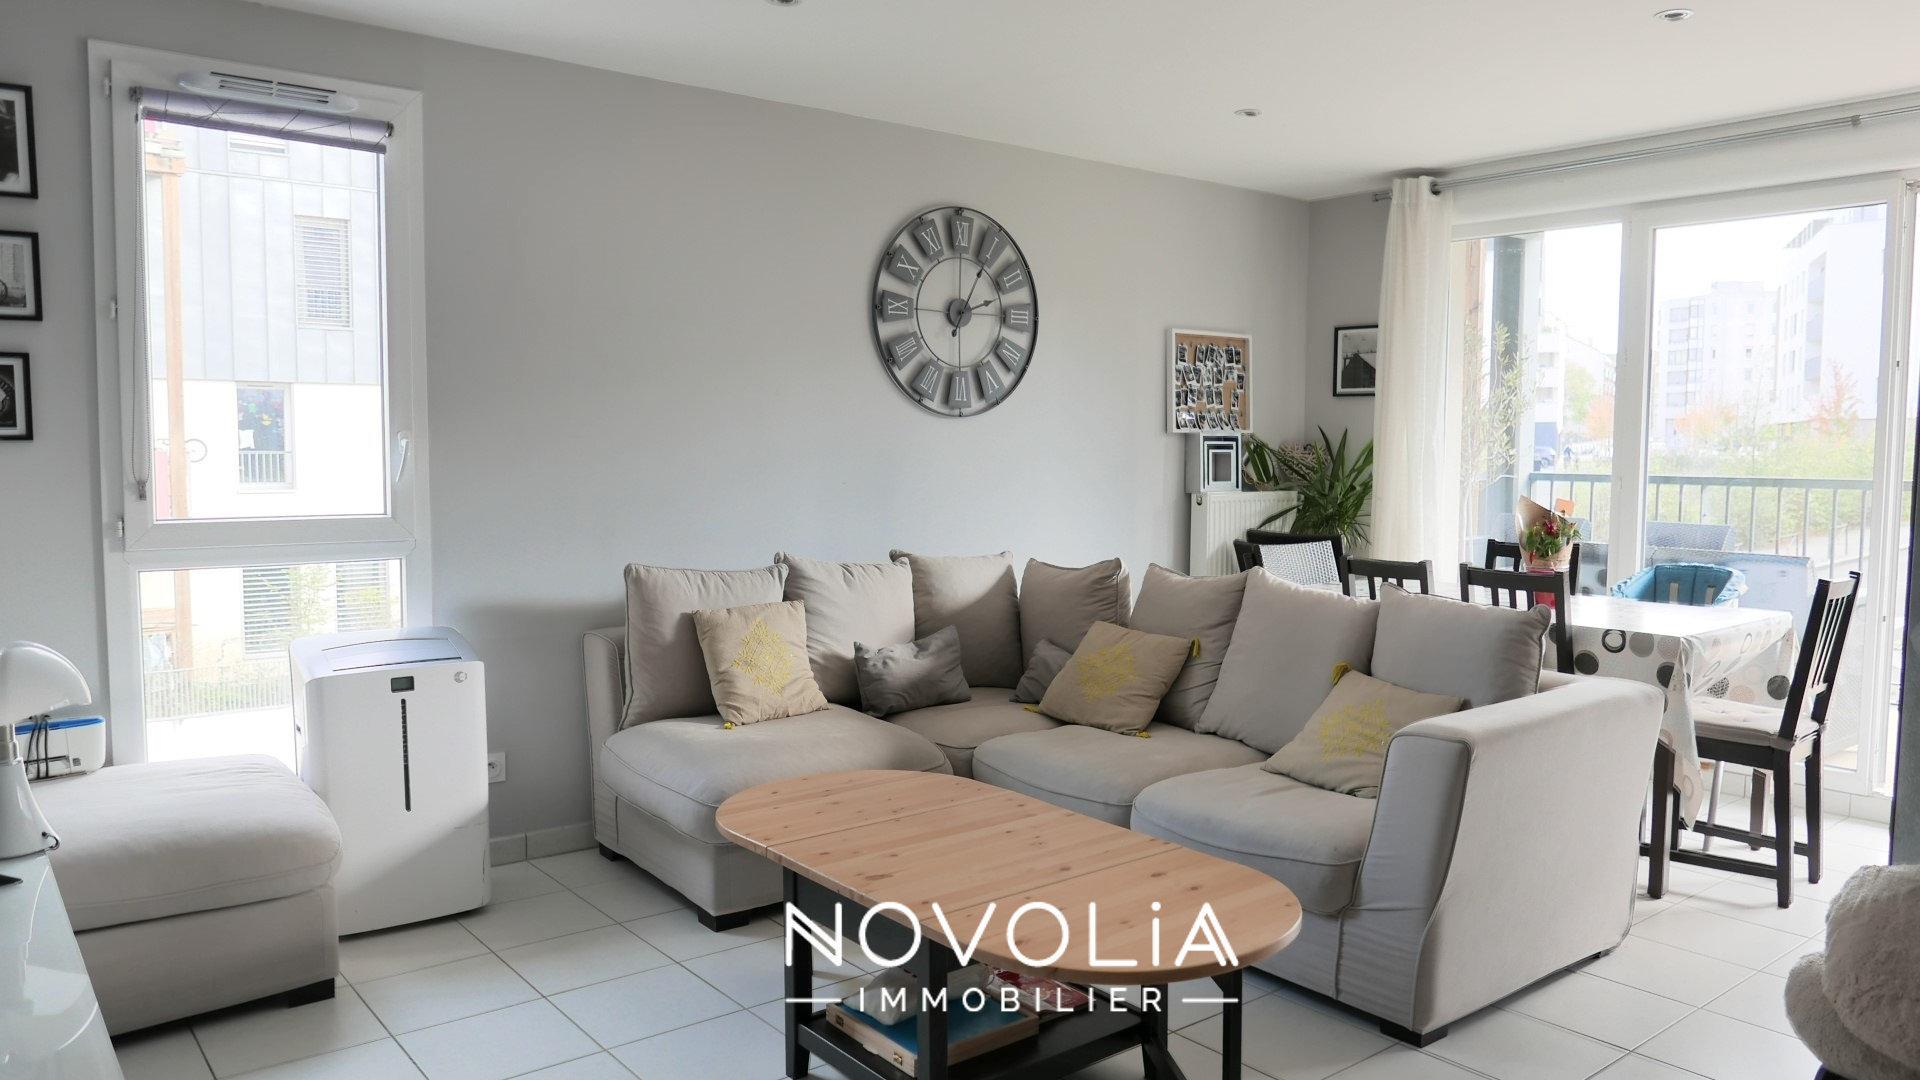 Achat Appartement Surface de 65.48 m²/ Total carrez : 65 m², 3 pièces, Villeurbanne (69100)